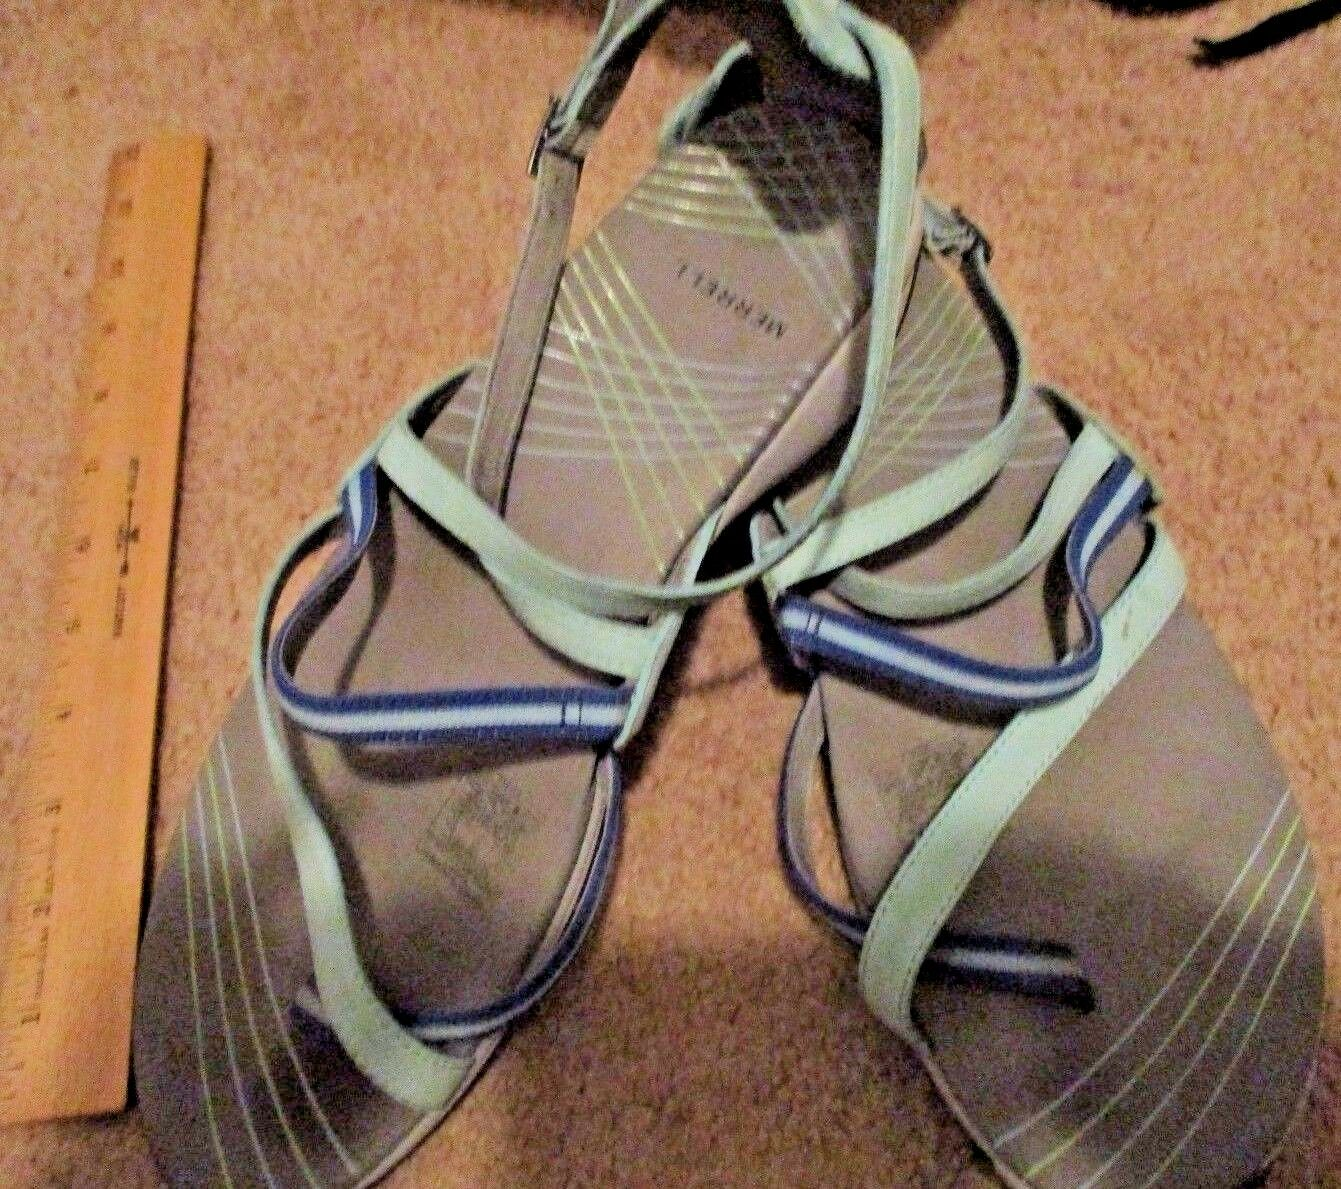 MERRELL Lilium Flax Grey Strappy Sandals 11 M Grey Flax Seafoam Leather bcbe70